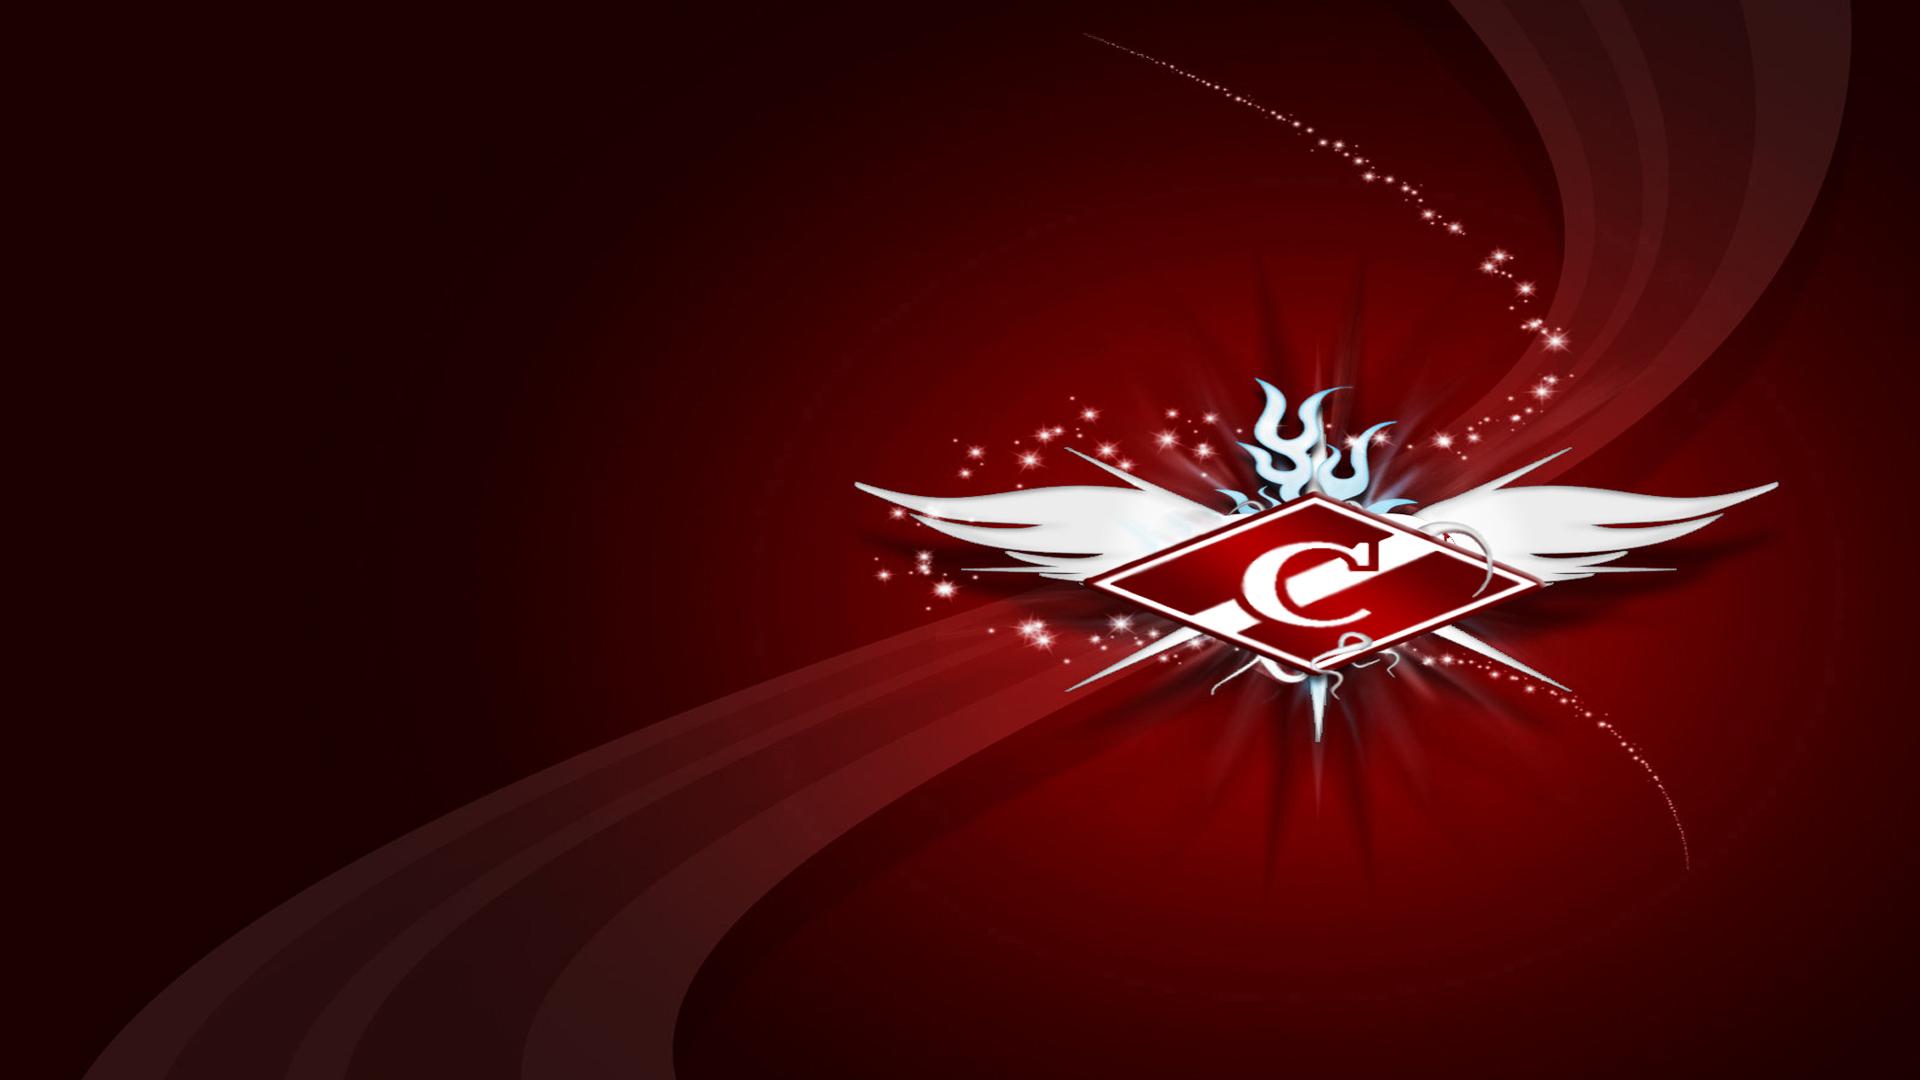 Логотип бавария фк